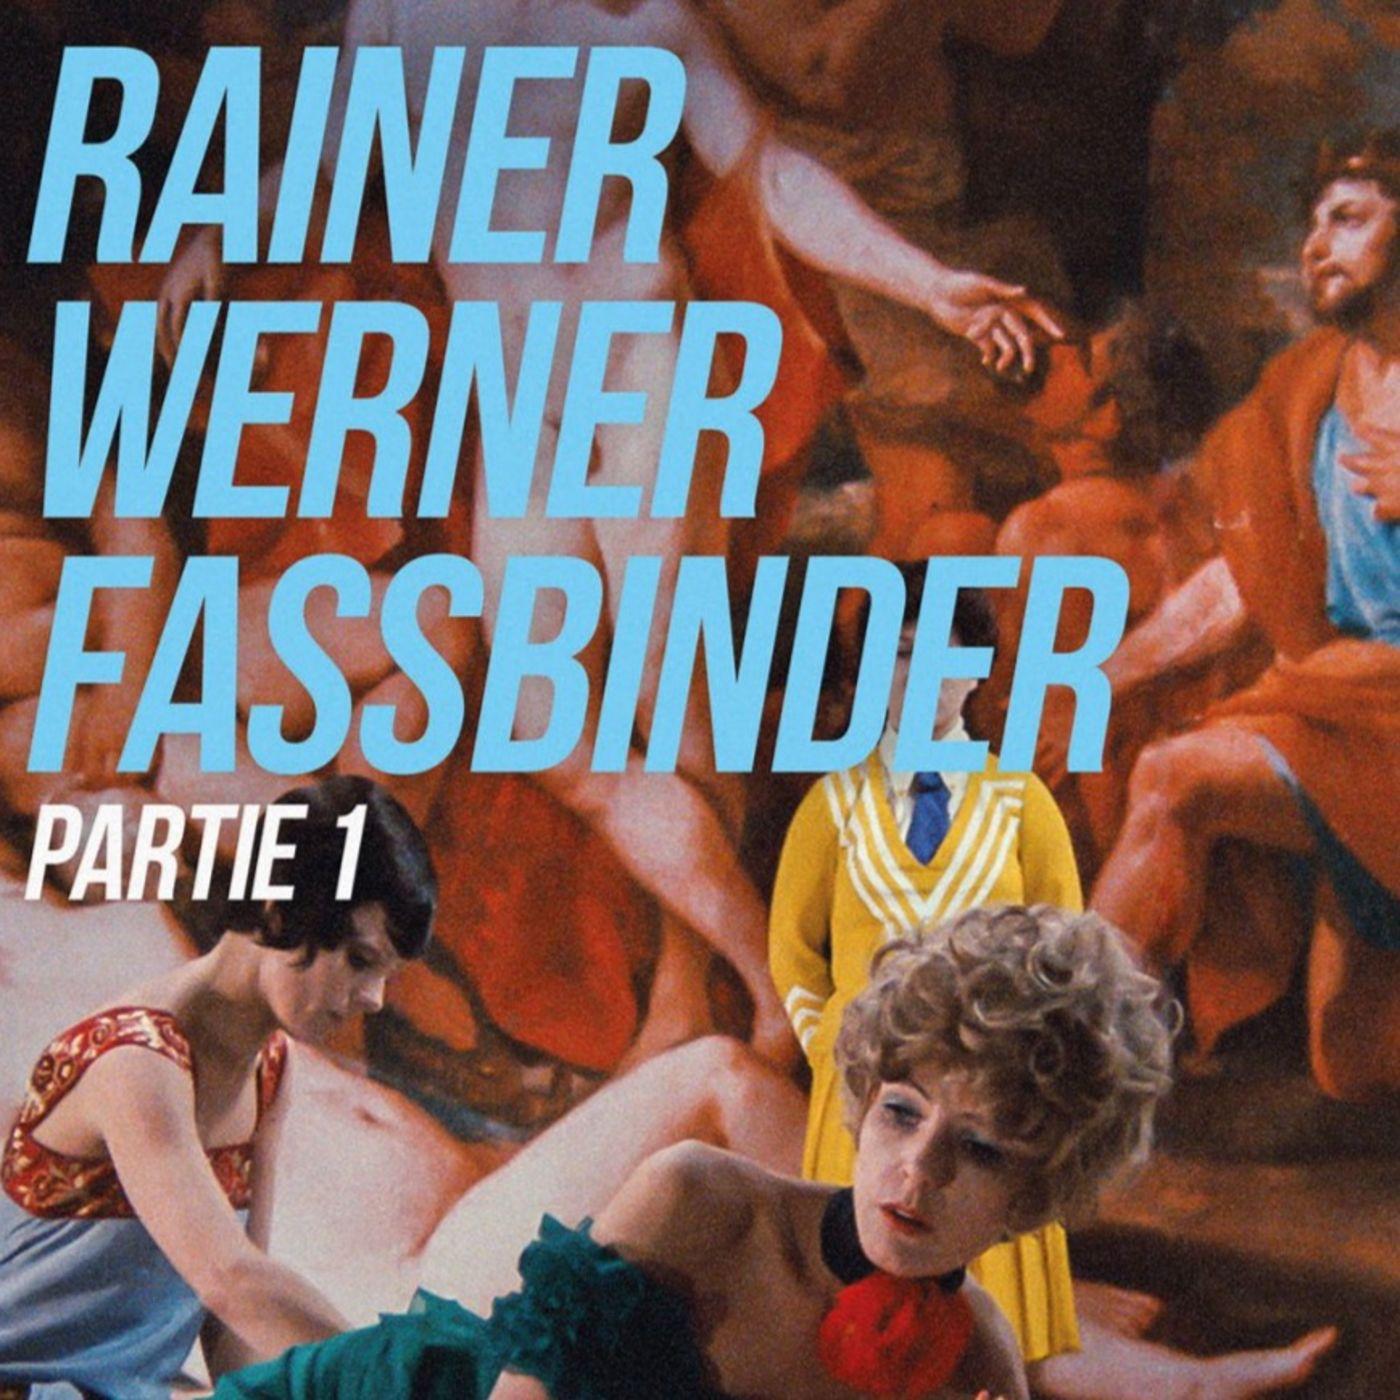 #21 - Fassbinder, Preminger, Allen : trois raisons de plus d'agrandir votre bibliothèque DVD/BlueRay